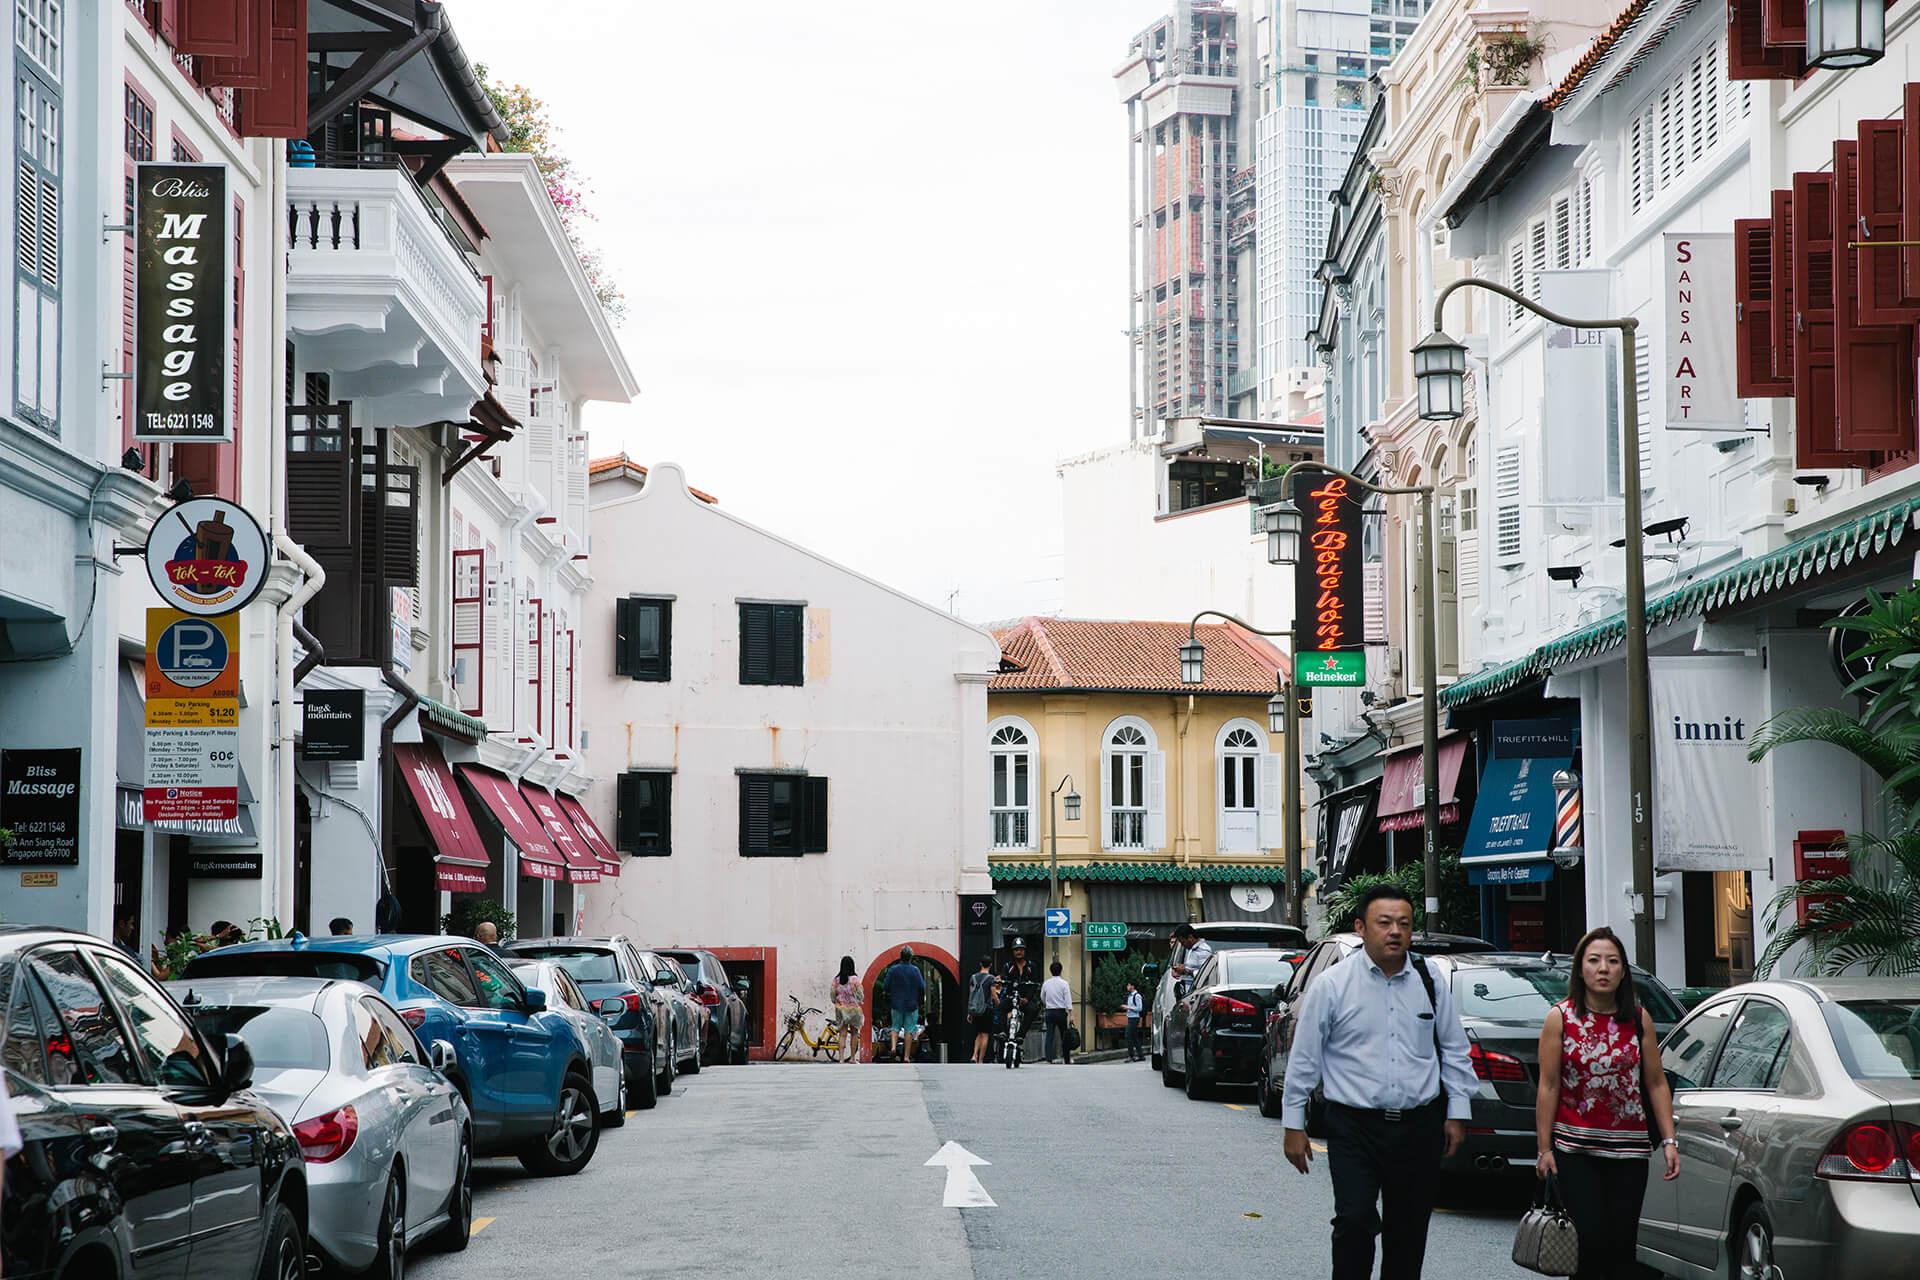 牛車水安祥山店屋保育羣,鄰近酒吧街,是新興旅遊熱點。